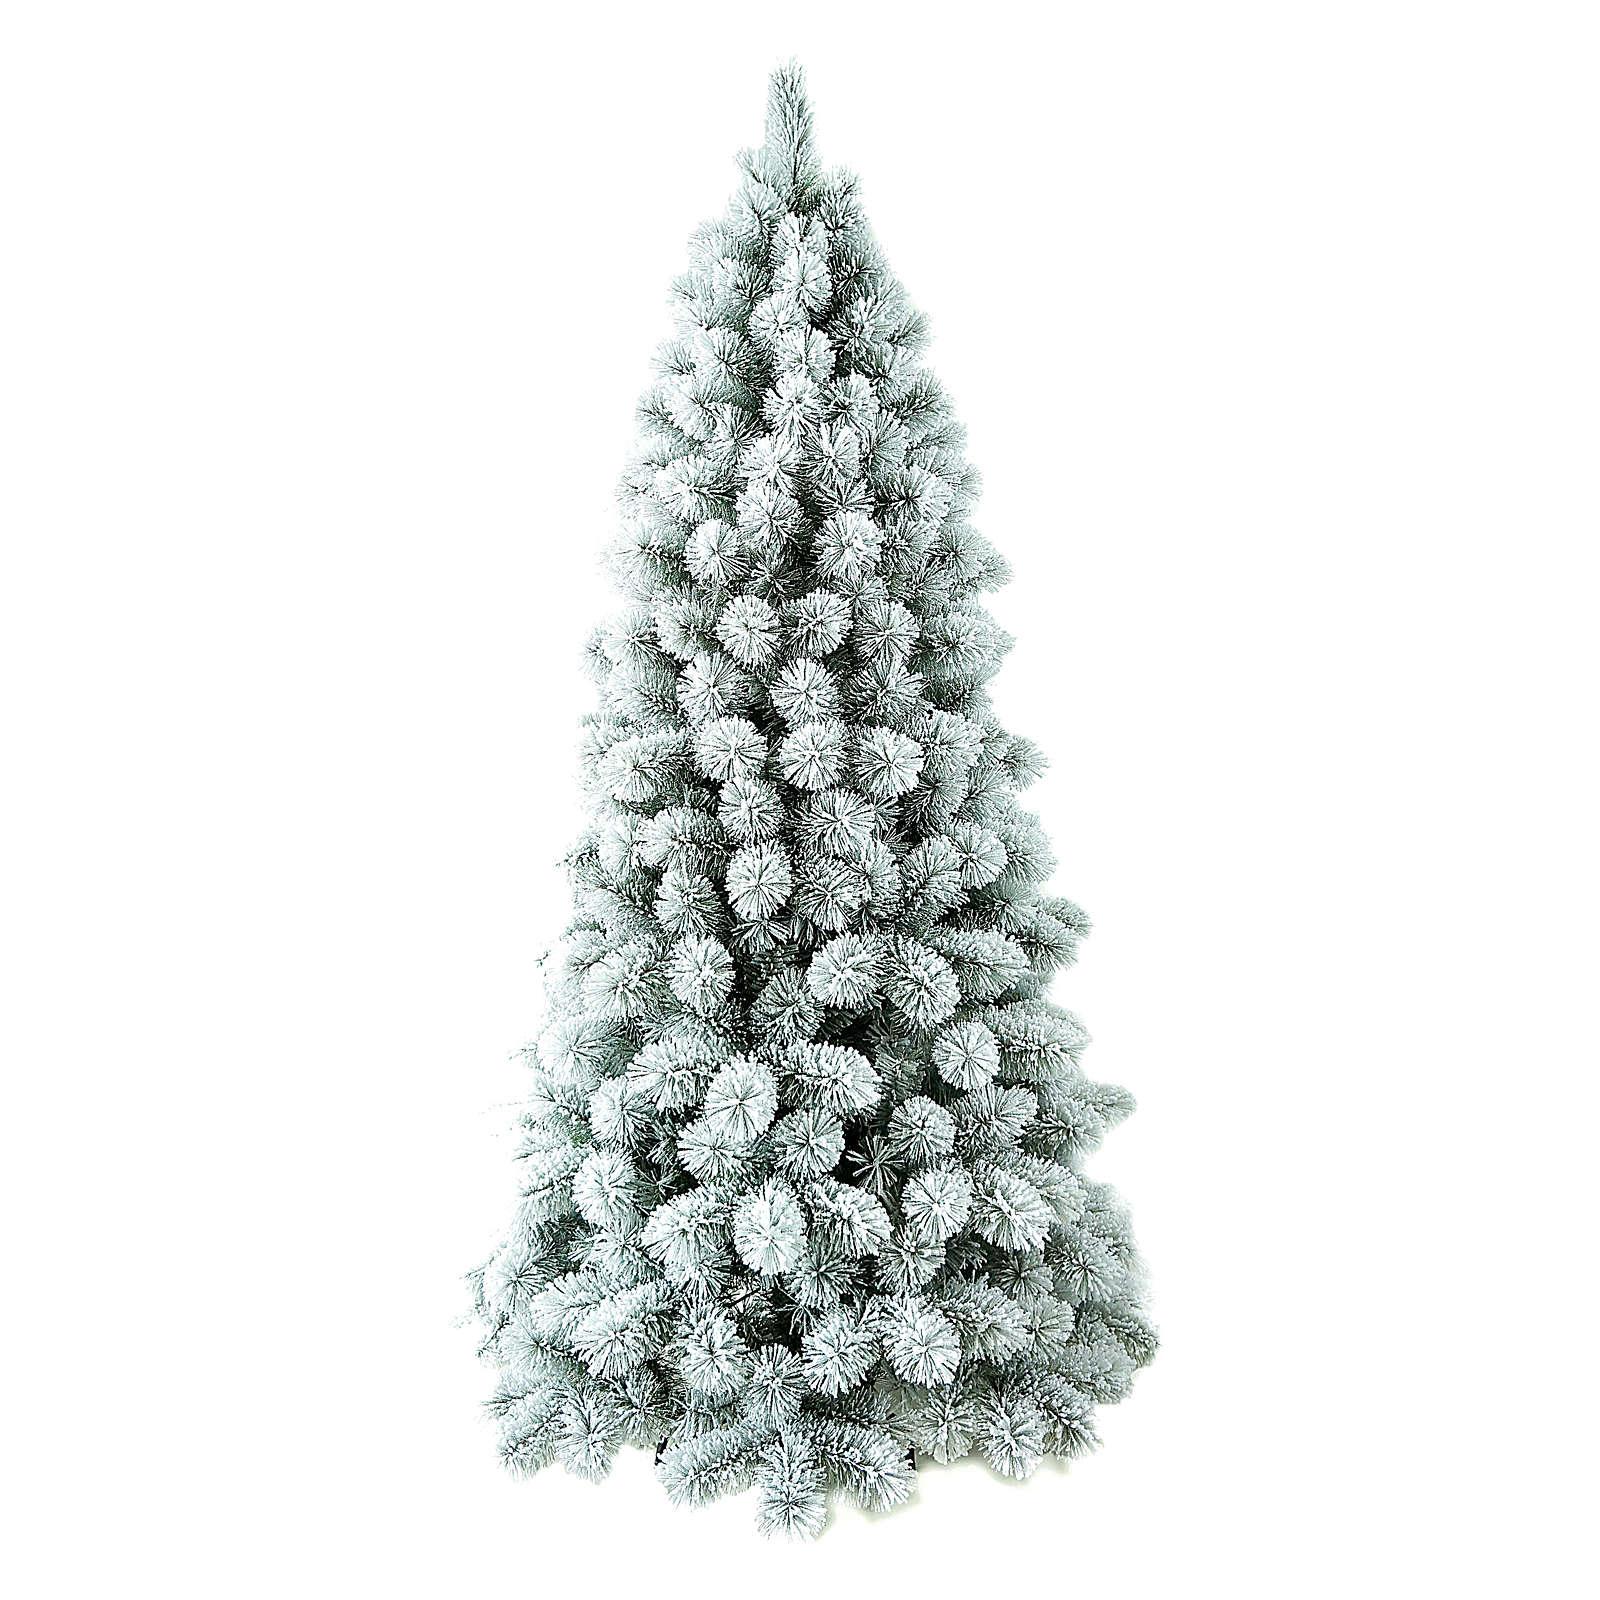 Árbol de Navidad 210 cm Flocado Pvc Nordend Winter Woodland 3